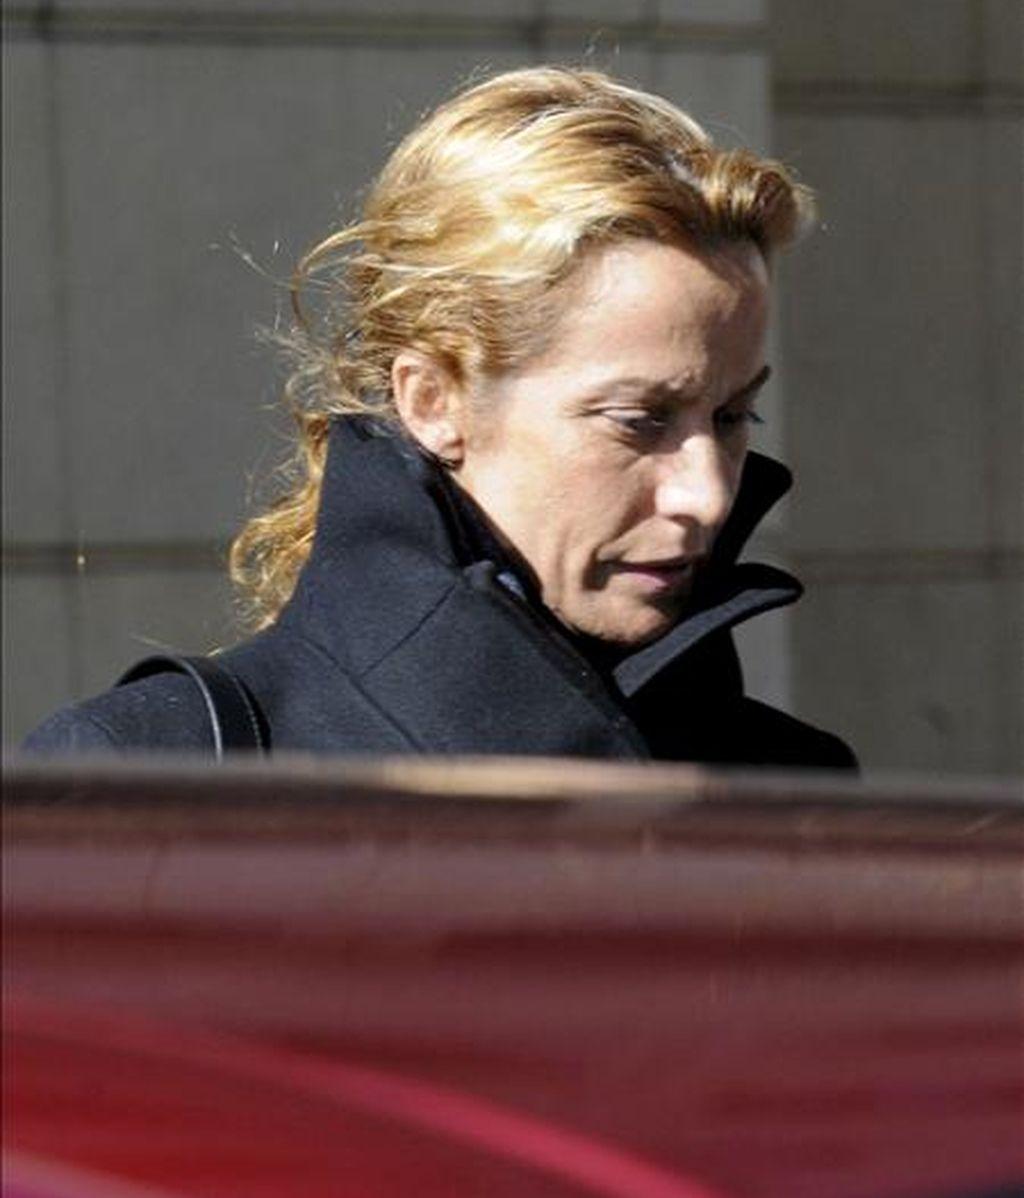 María del Carmen Rodríguez Quijano, esposa del presunto líder de la trama Francisco Correa, a su salida de la Audicencia Nacional donde ha sido interrogada por el juez Baltasar Garzón. EFE